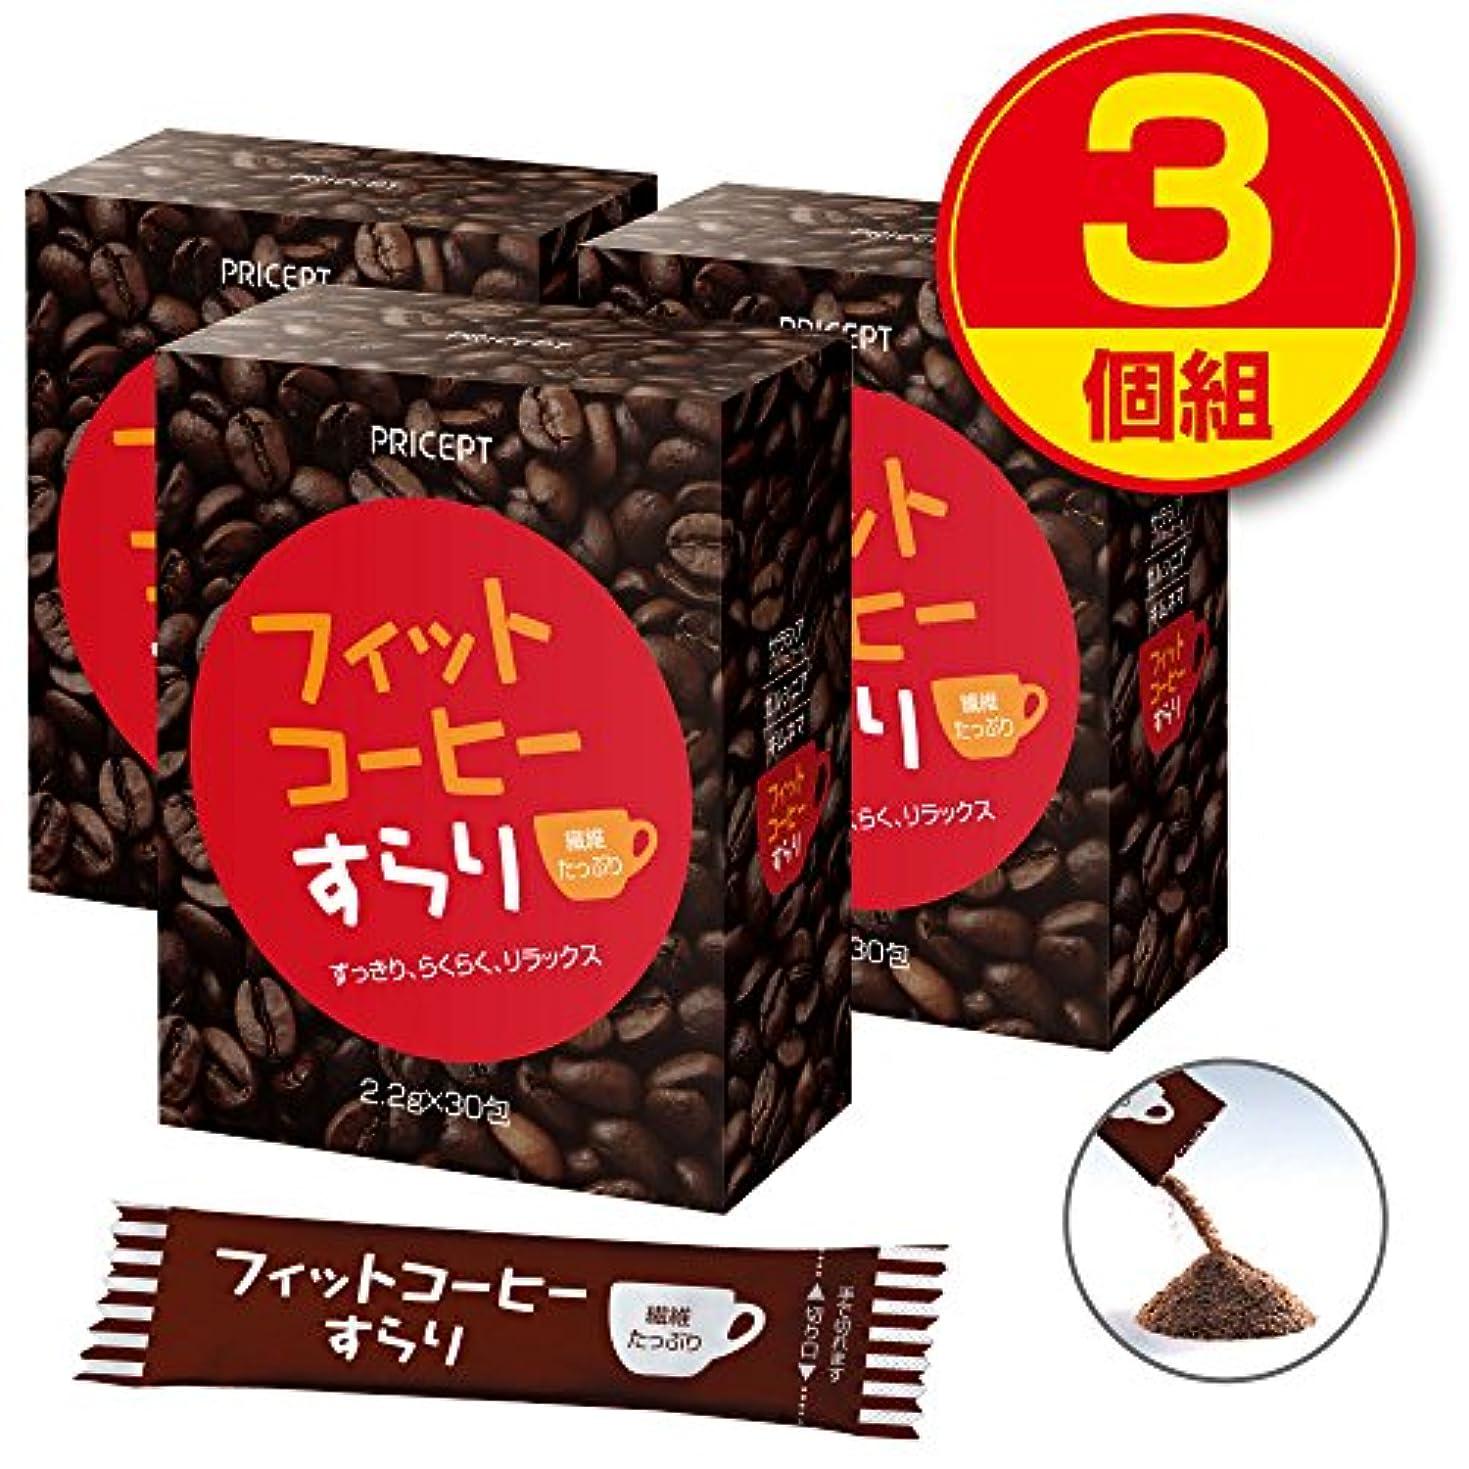 保育園破産チャネルプリセプト フィットコーヒーすらり 30包【3個組(90包)】(ダイエットサポートコーヒー)